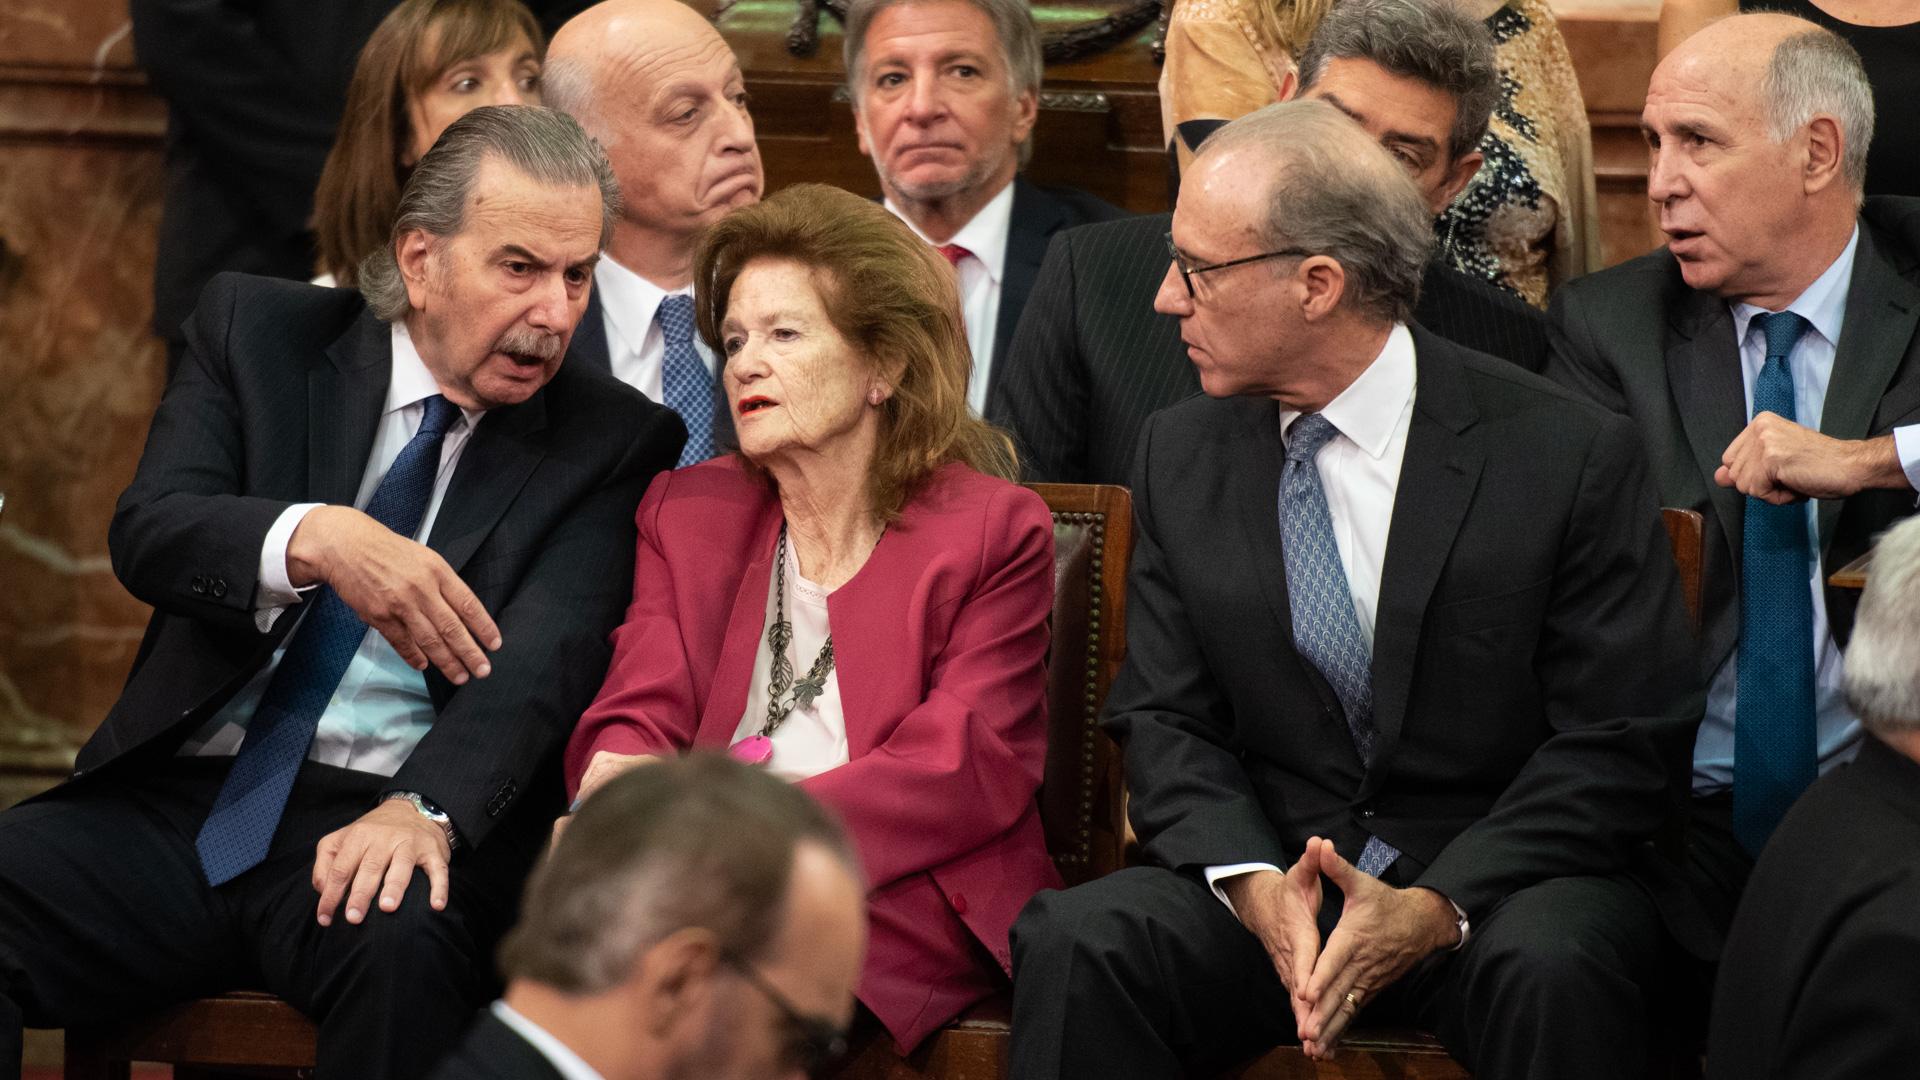 Los ministros de la Corte Suprema de Justicia. Adelante, Maqueda, Highton de Nolasco y Rosenkrantz. Atrás, Rossati y Lorenzetti